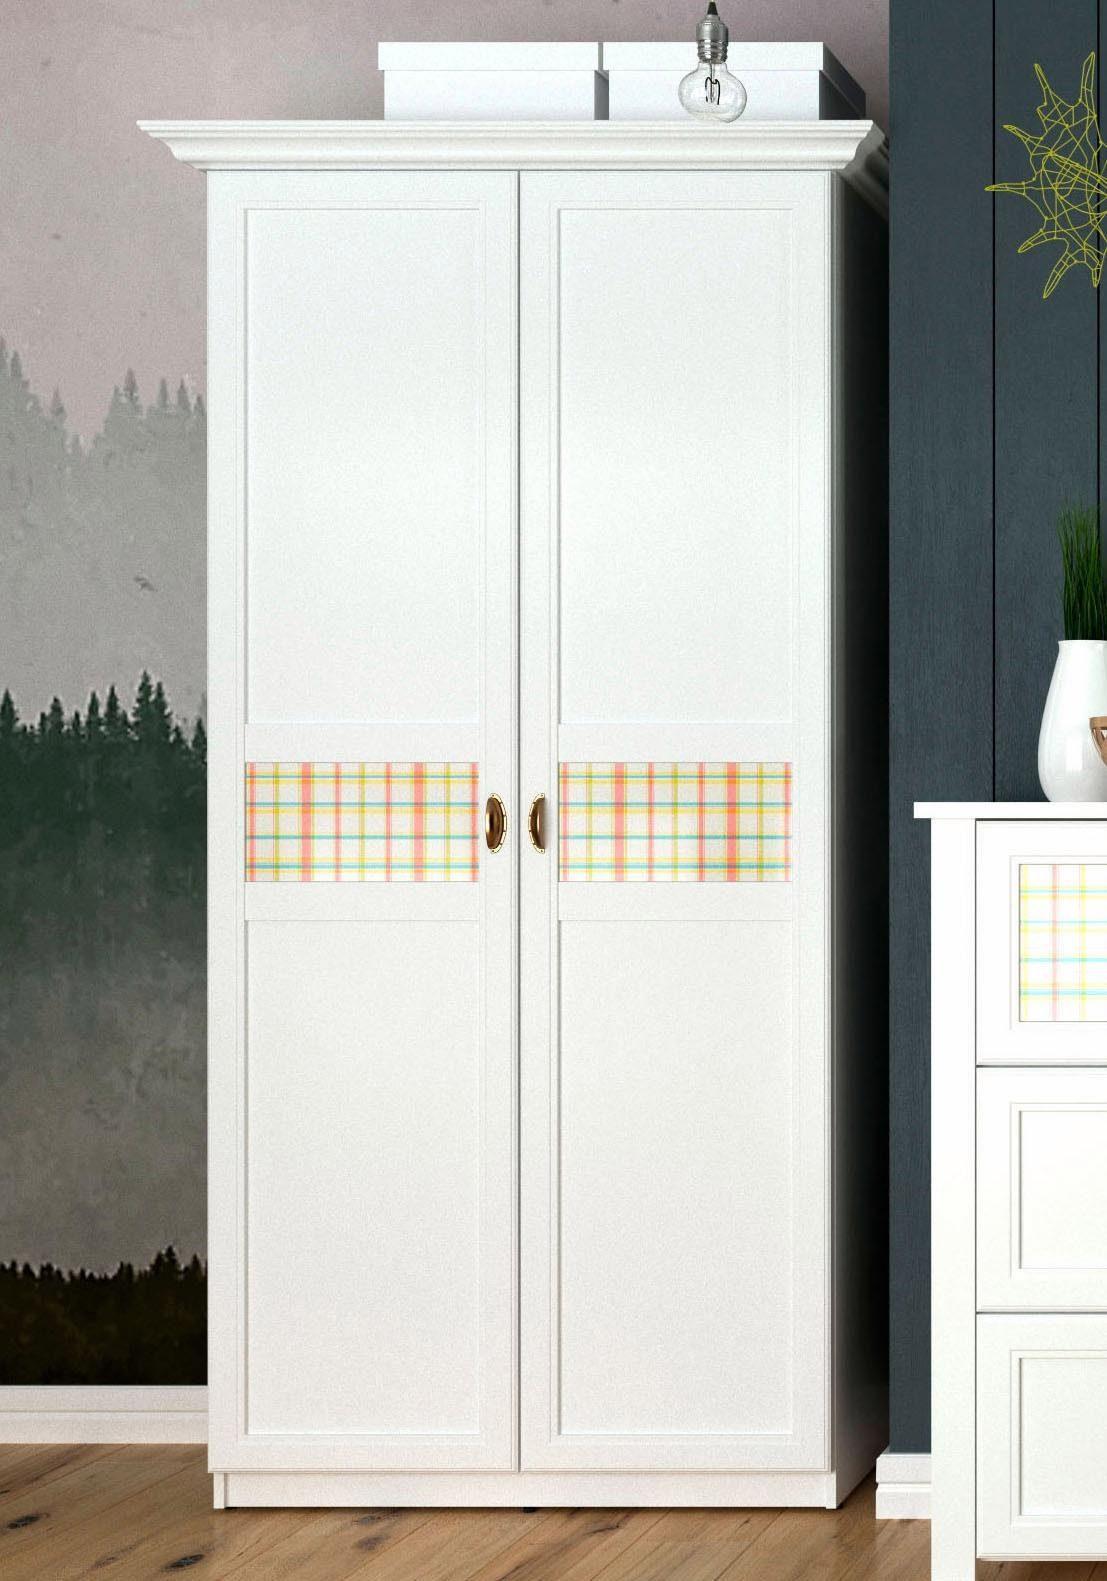 Home affaire Garderobenschrank »Sonya« mit dekorativen Glaseinsätzen, Breite 114 cm